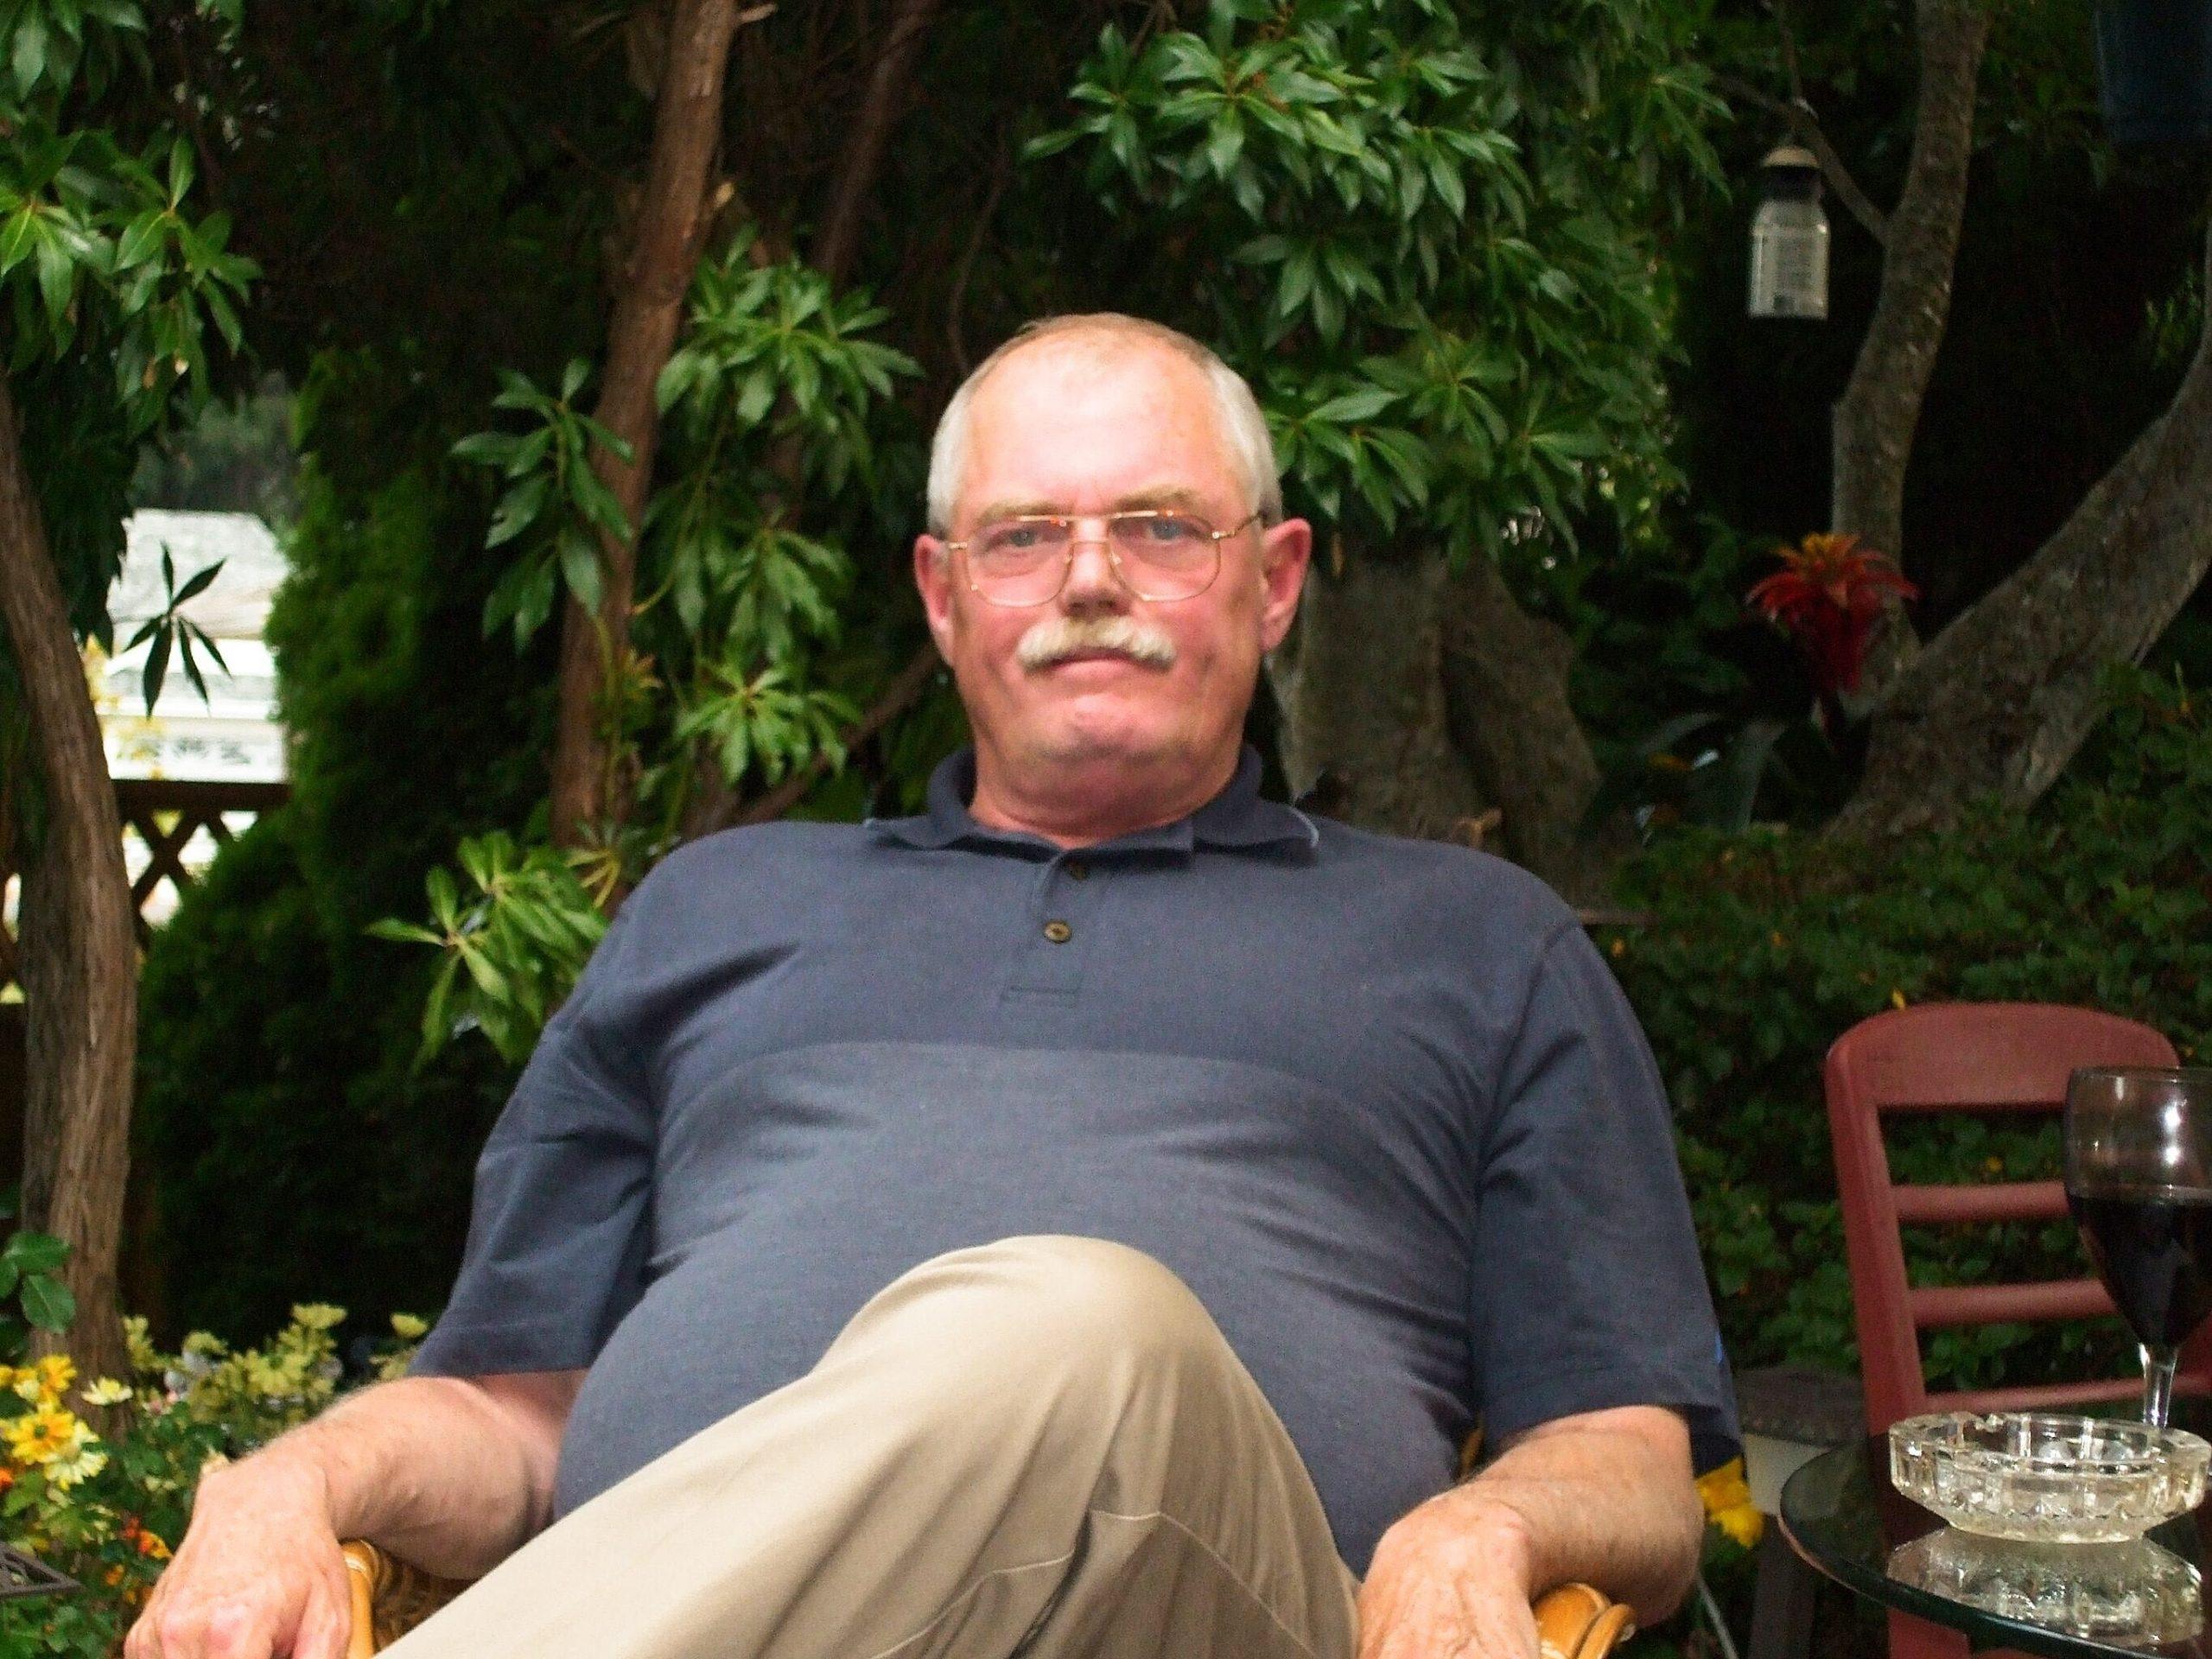 Robert Miller